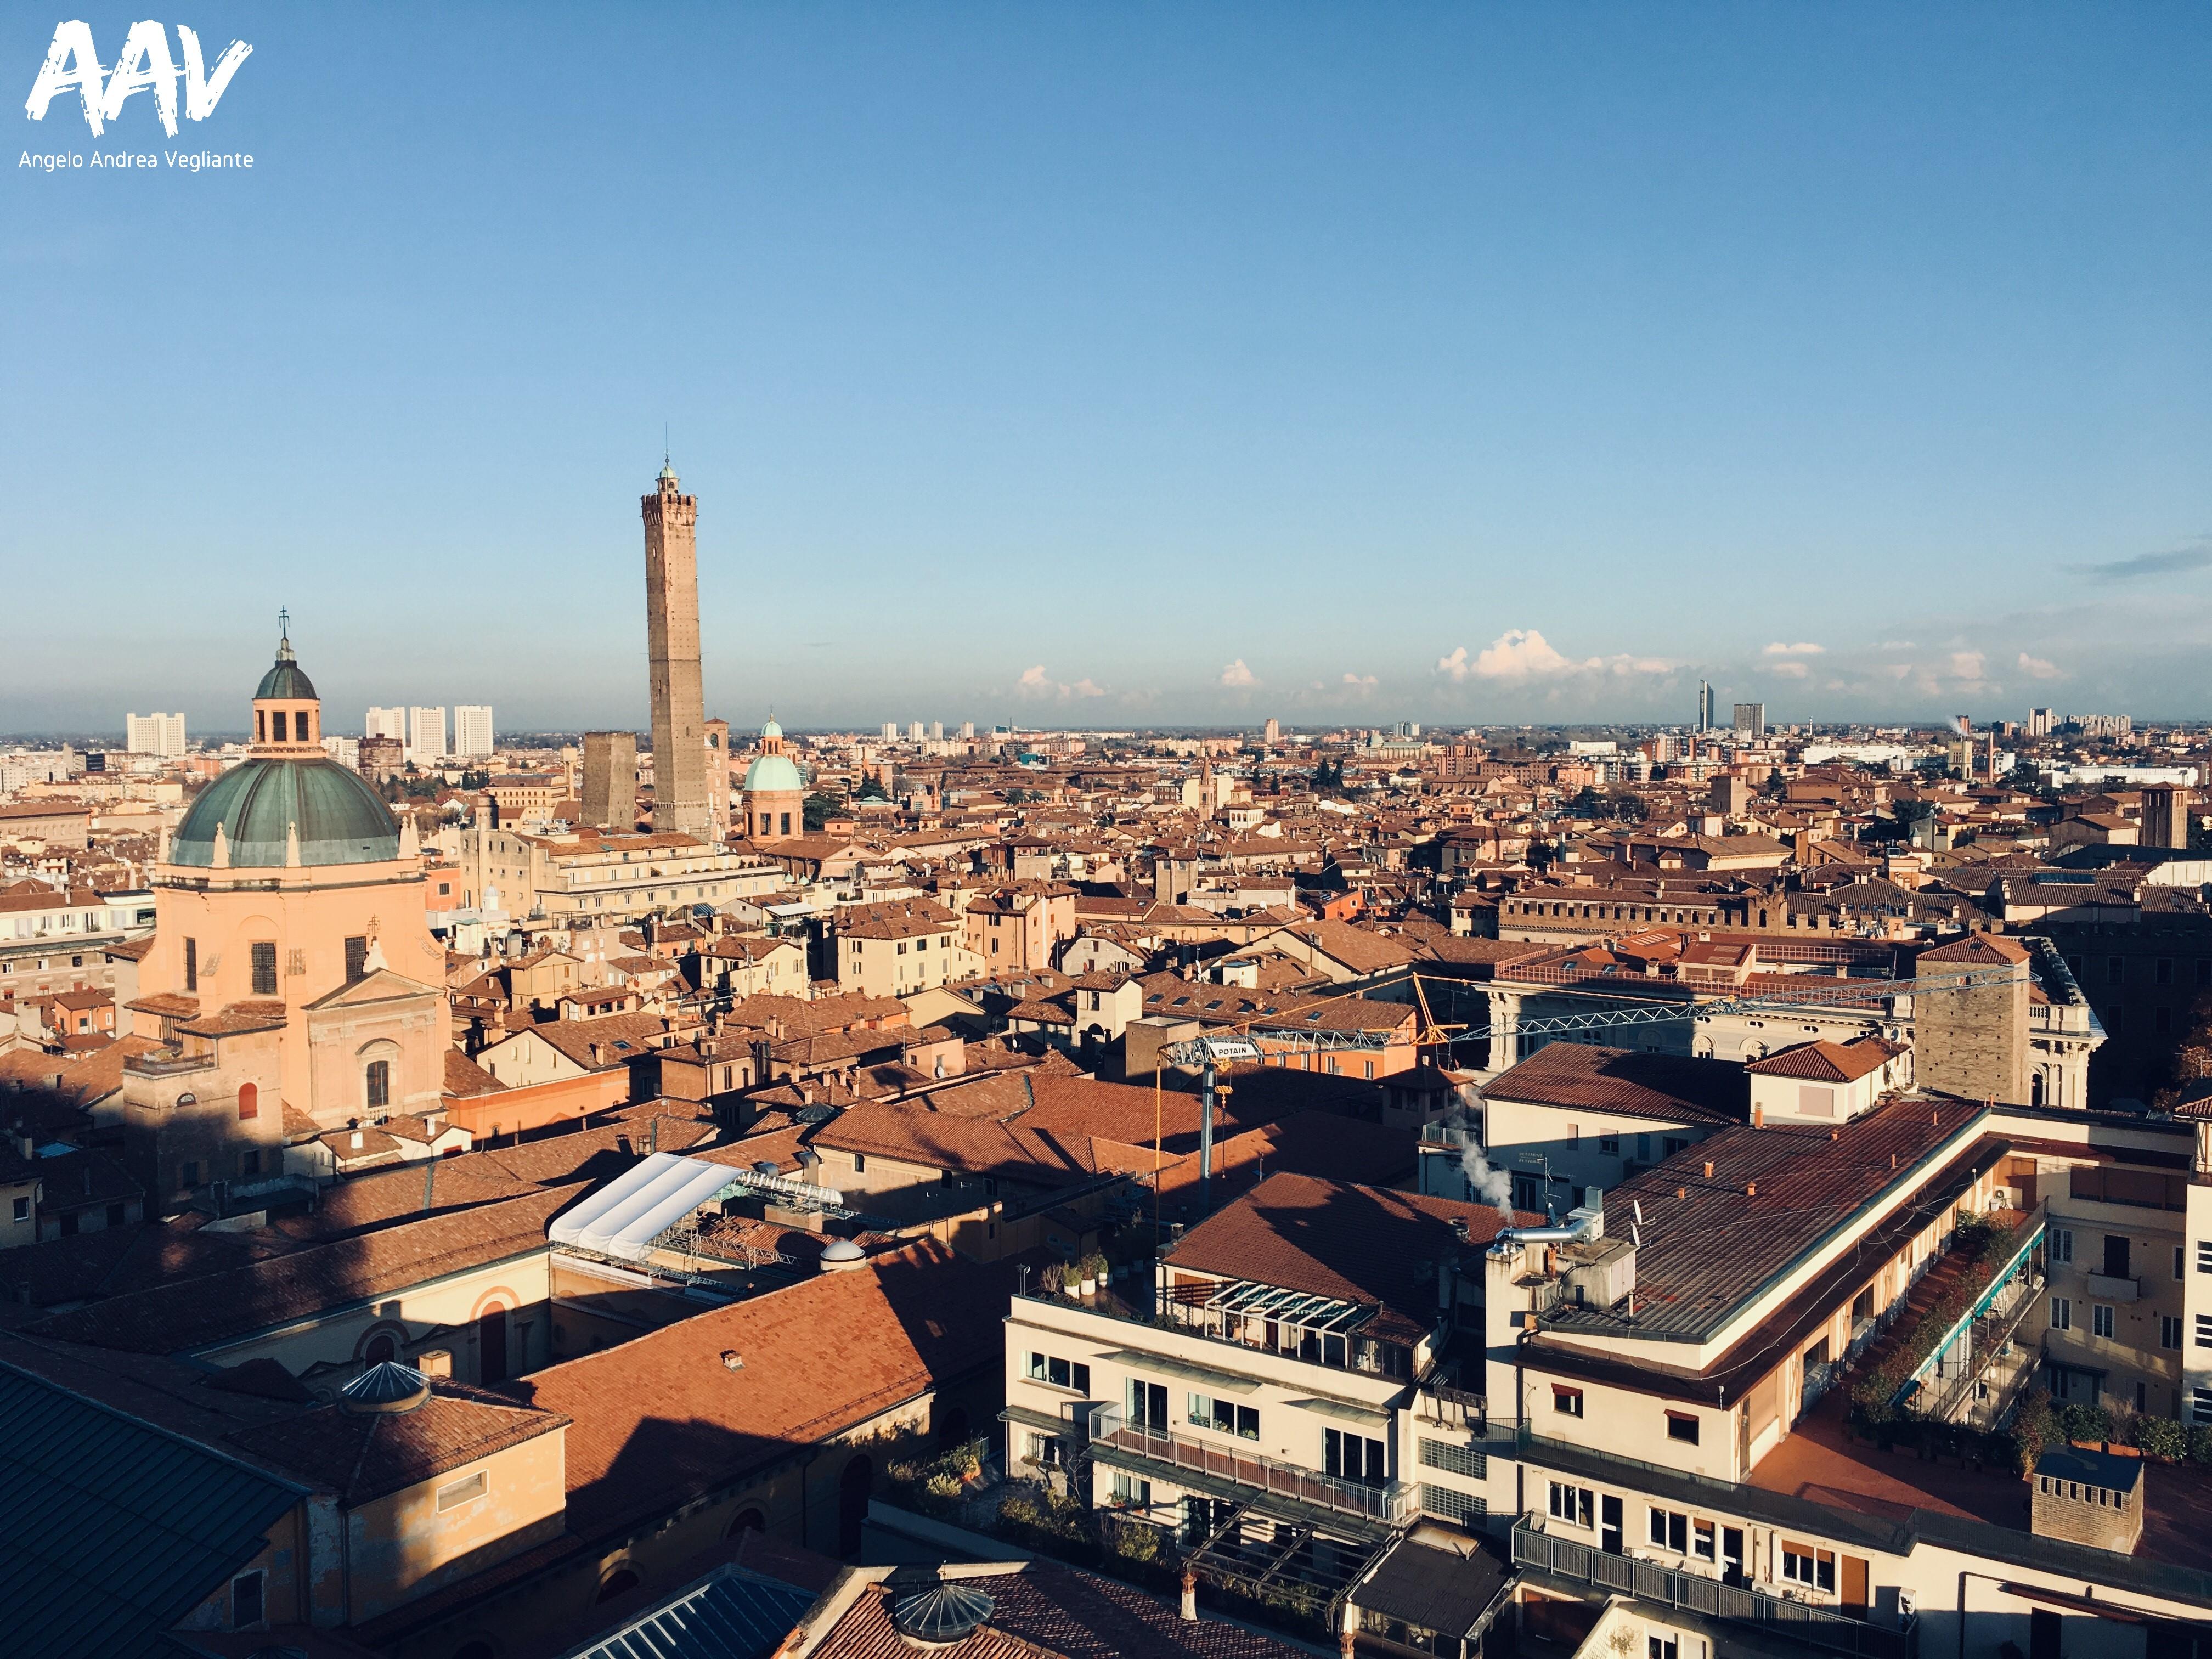 tetti-bologna-emilia romagna-italia-angelo andrea vegliante-colui che viaggia-viaggio-italia-natale